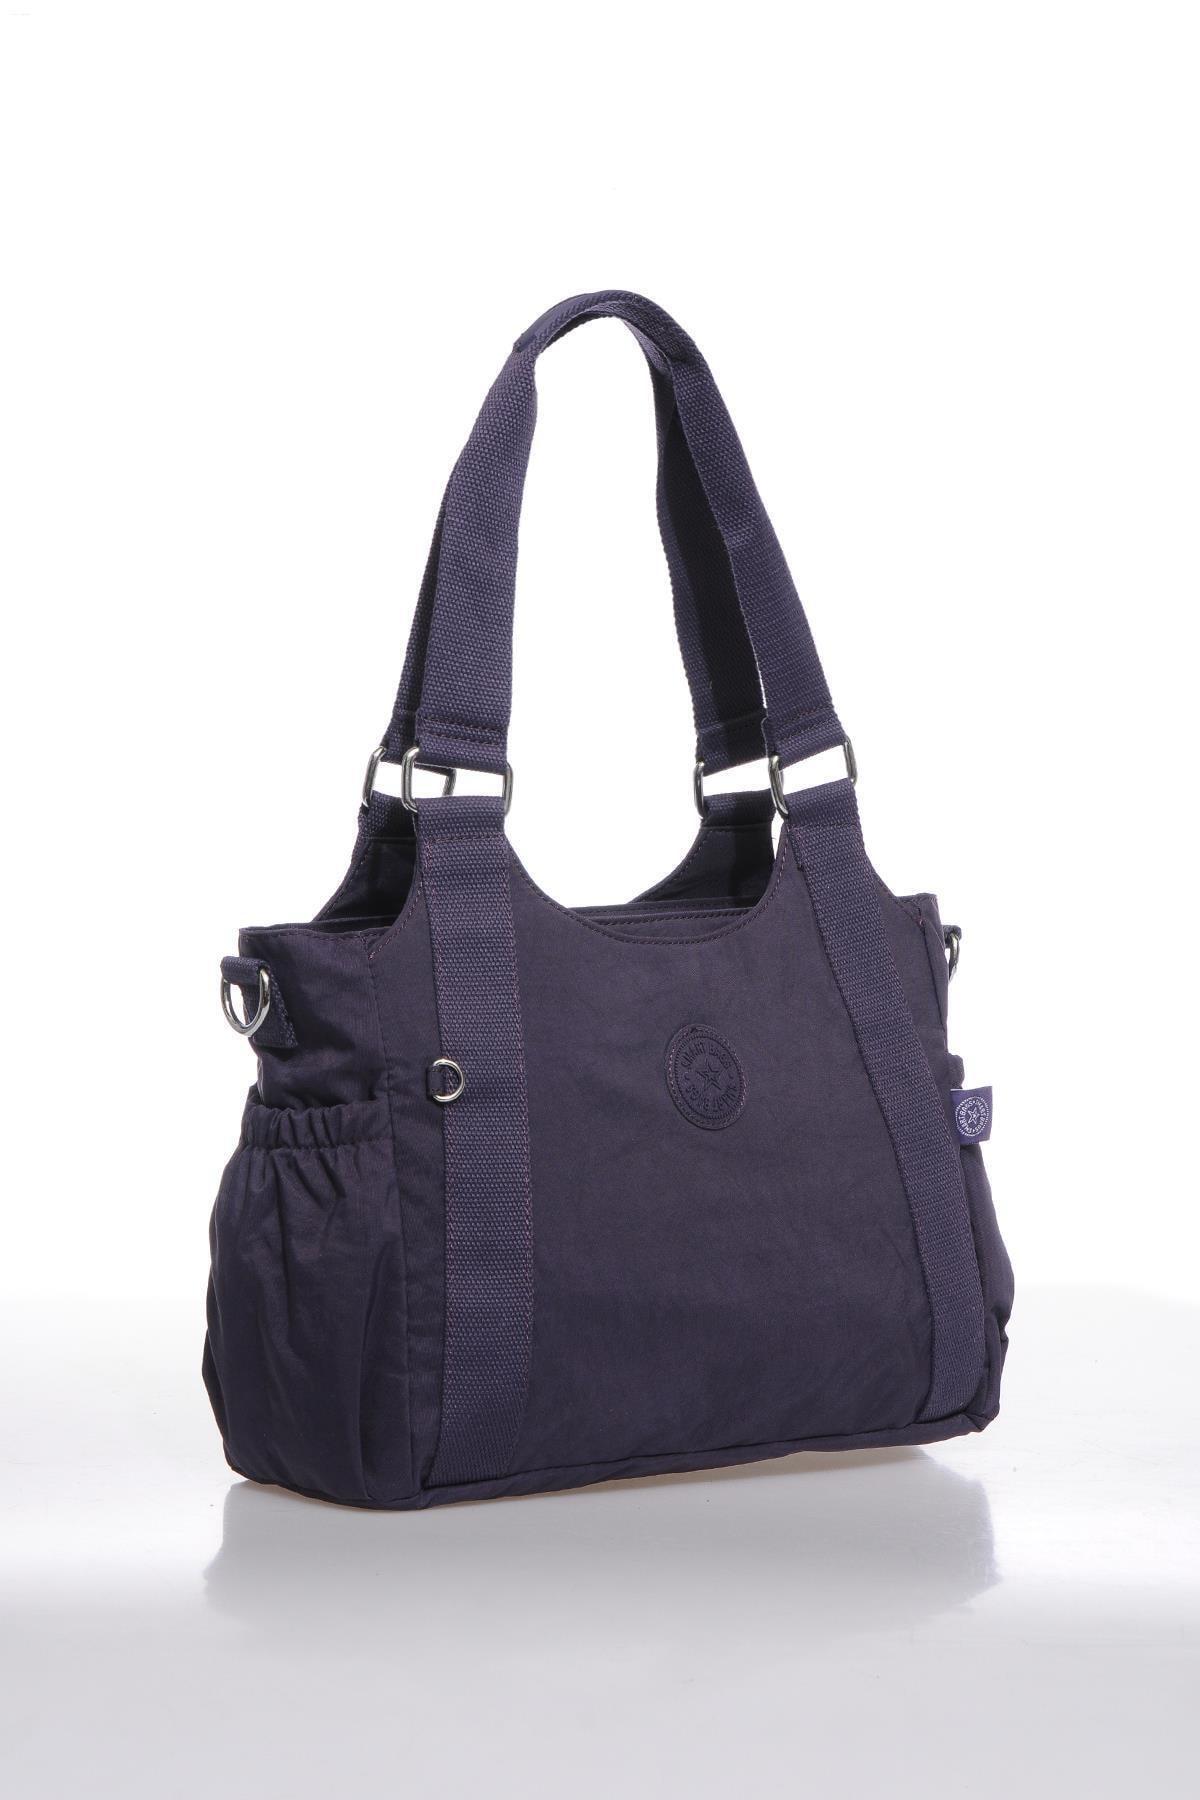 SMART BAGS Kadın Mor Omuz Çantası 1163-0027 2